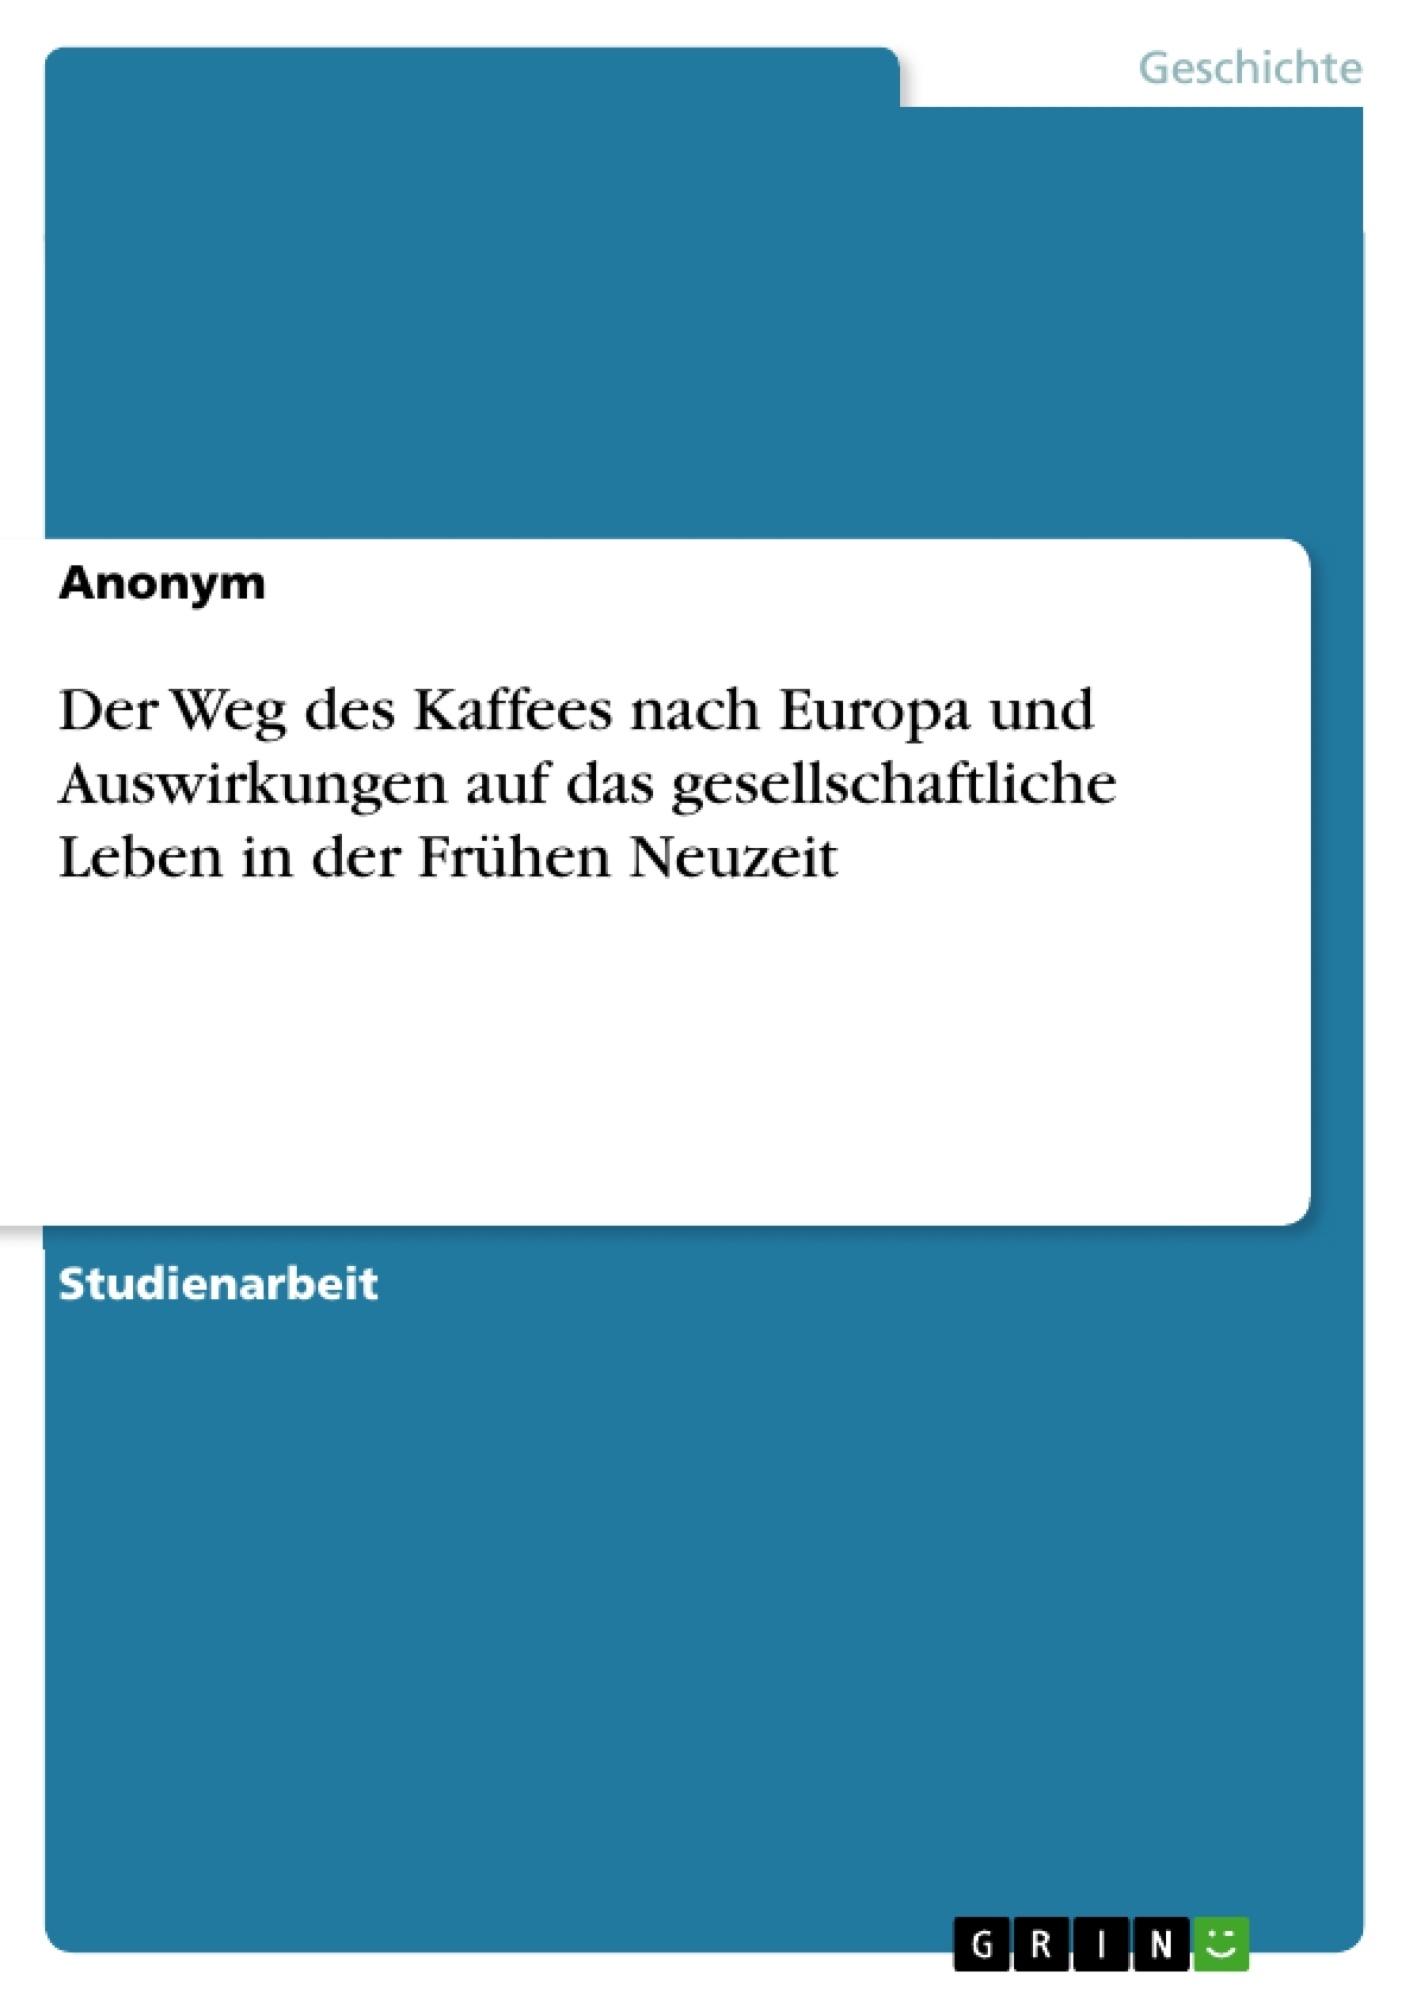 Titel: Der Weg des Kaffees nach Europa und Auswirkungen auf das gesellschaftliche Leben in der Frühen Neuzeit